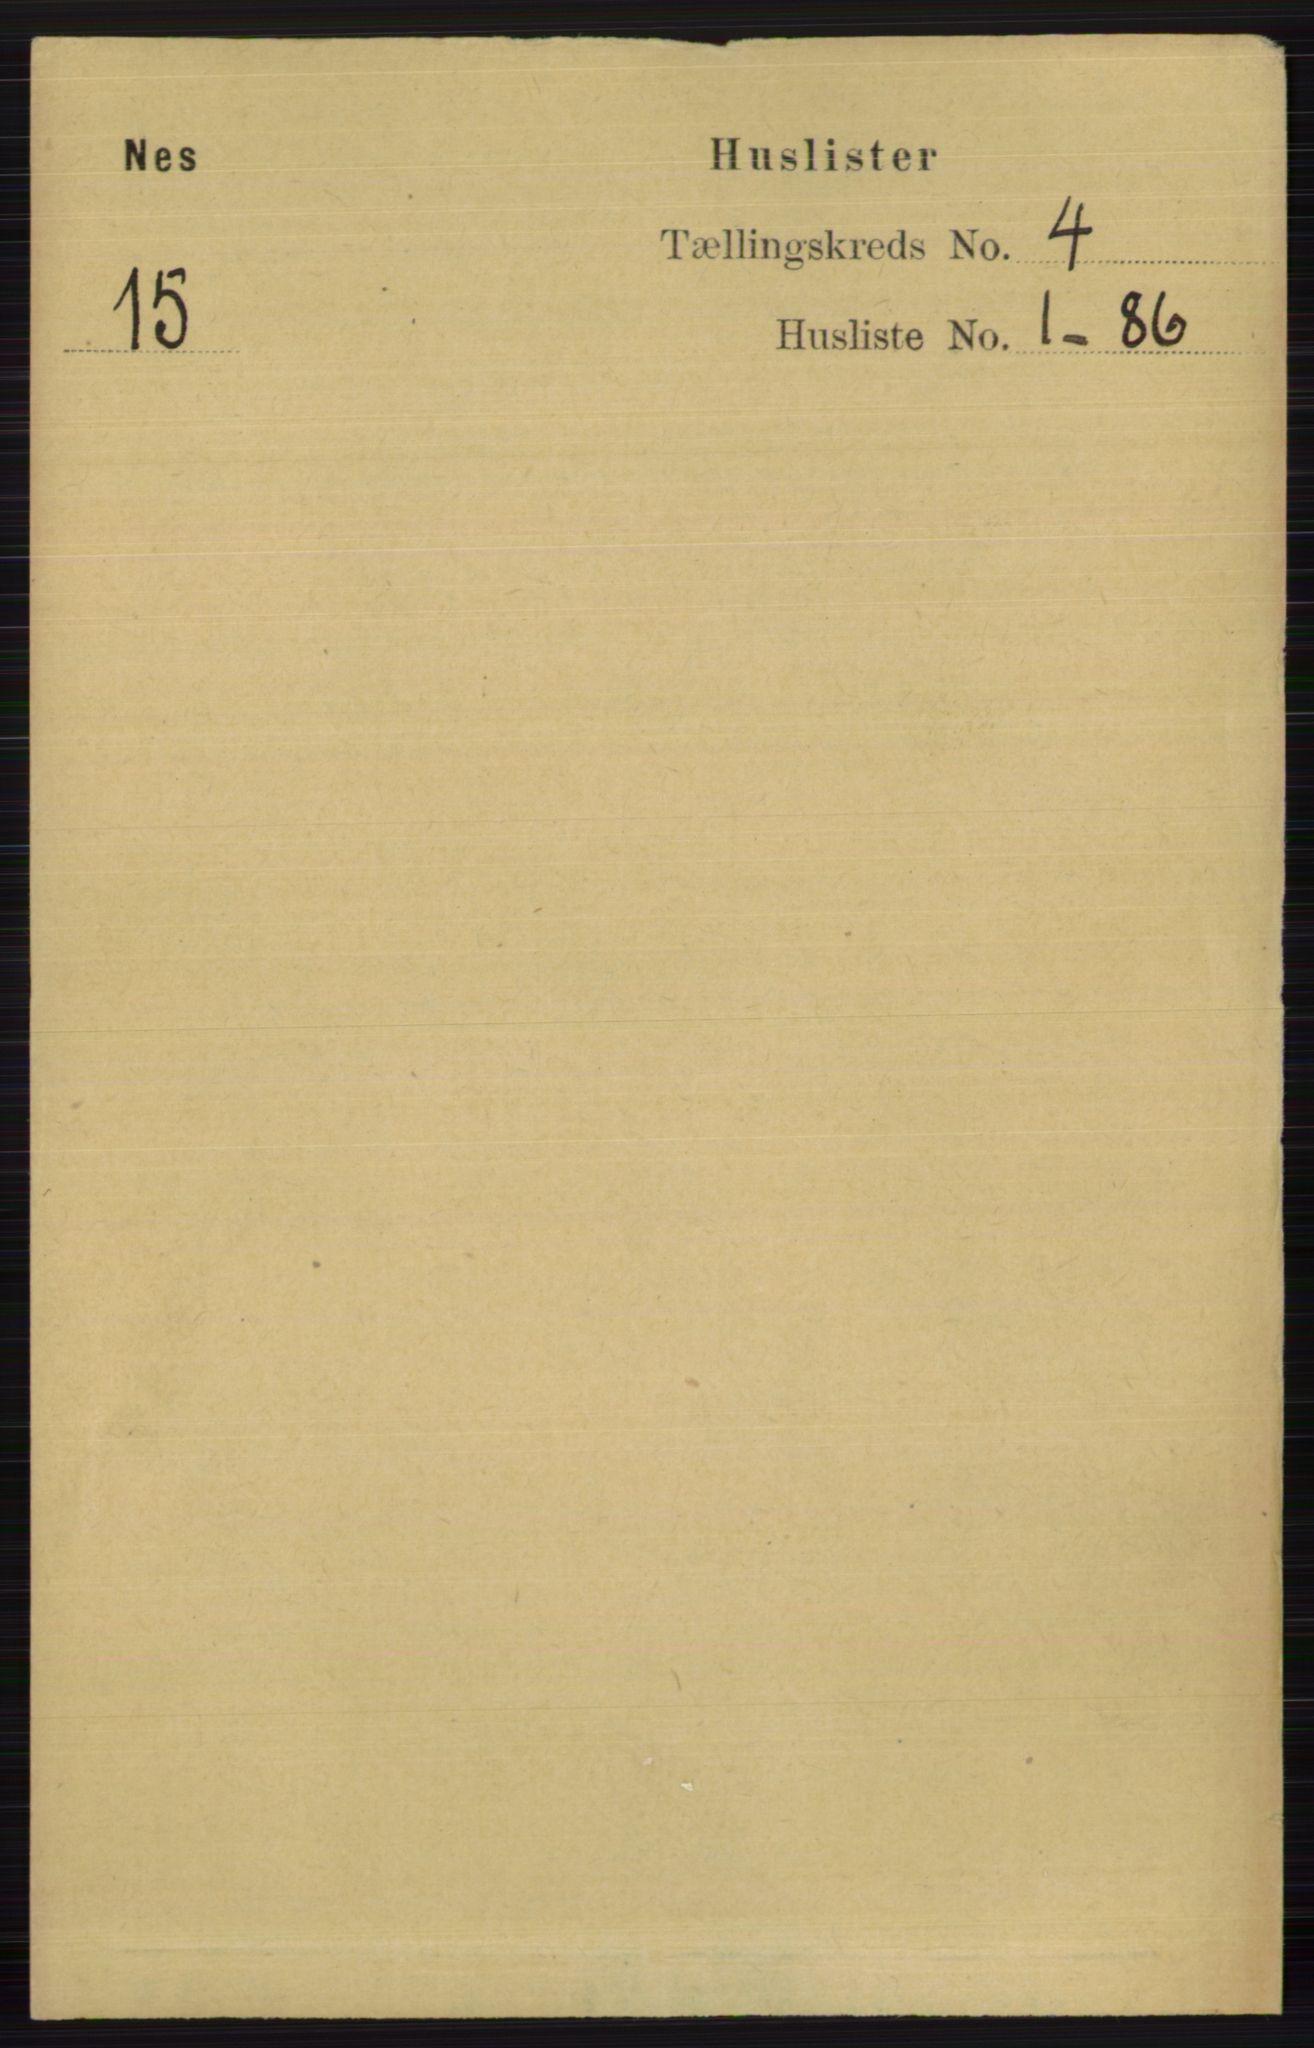 RA, Folketelling 1891 for 0616 Nes herred, 1891, s. 2021